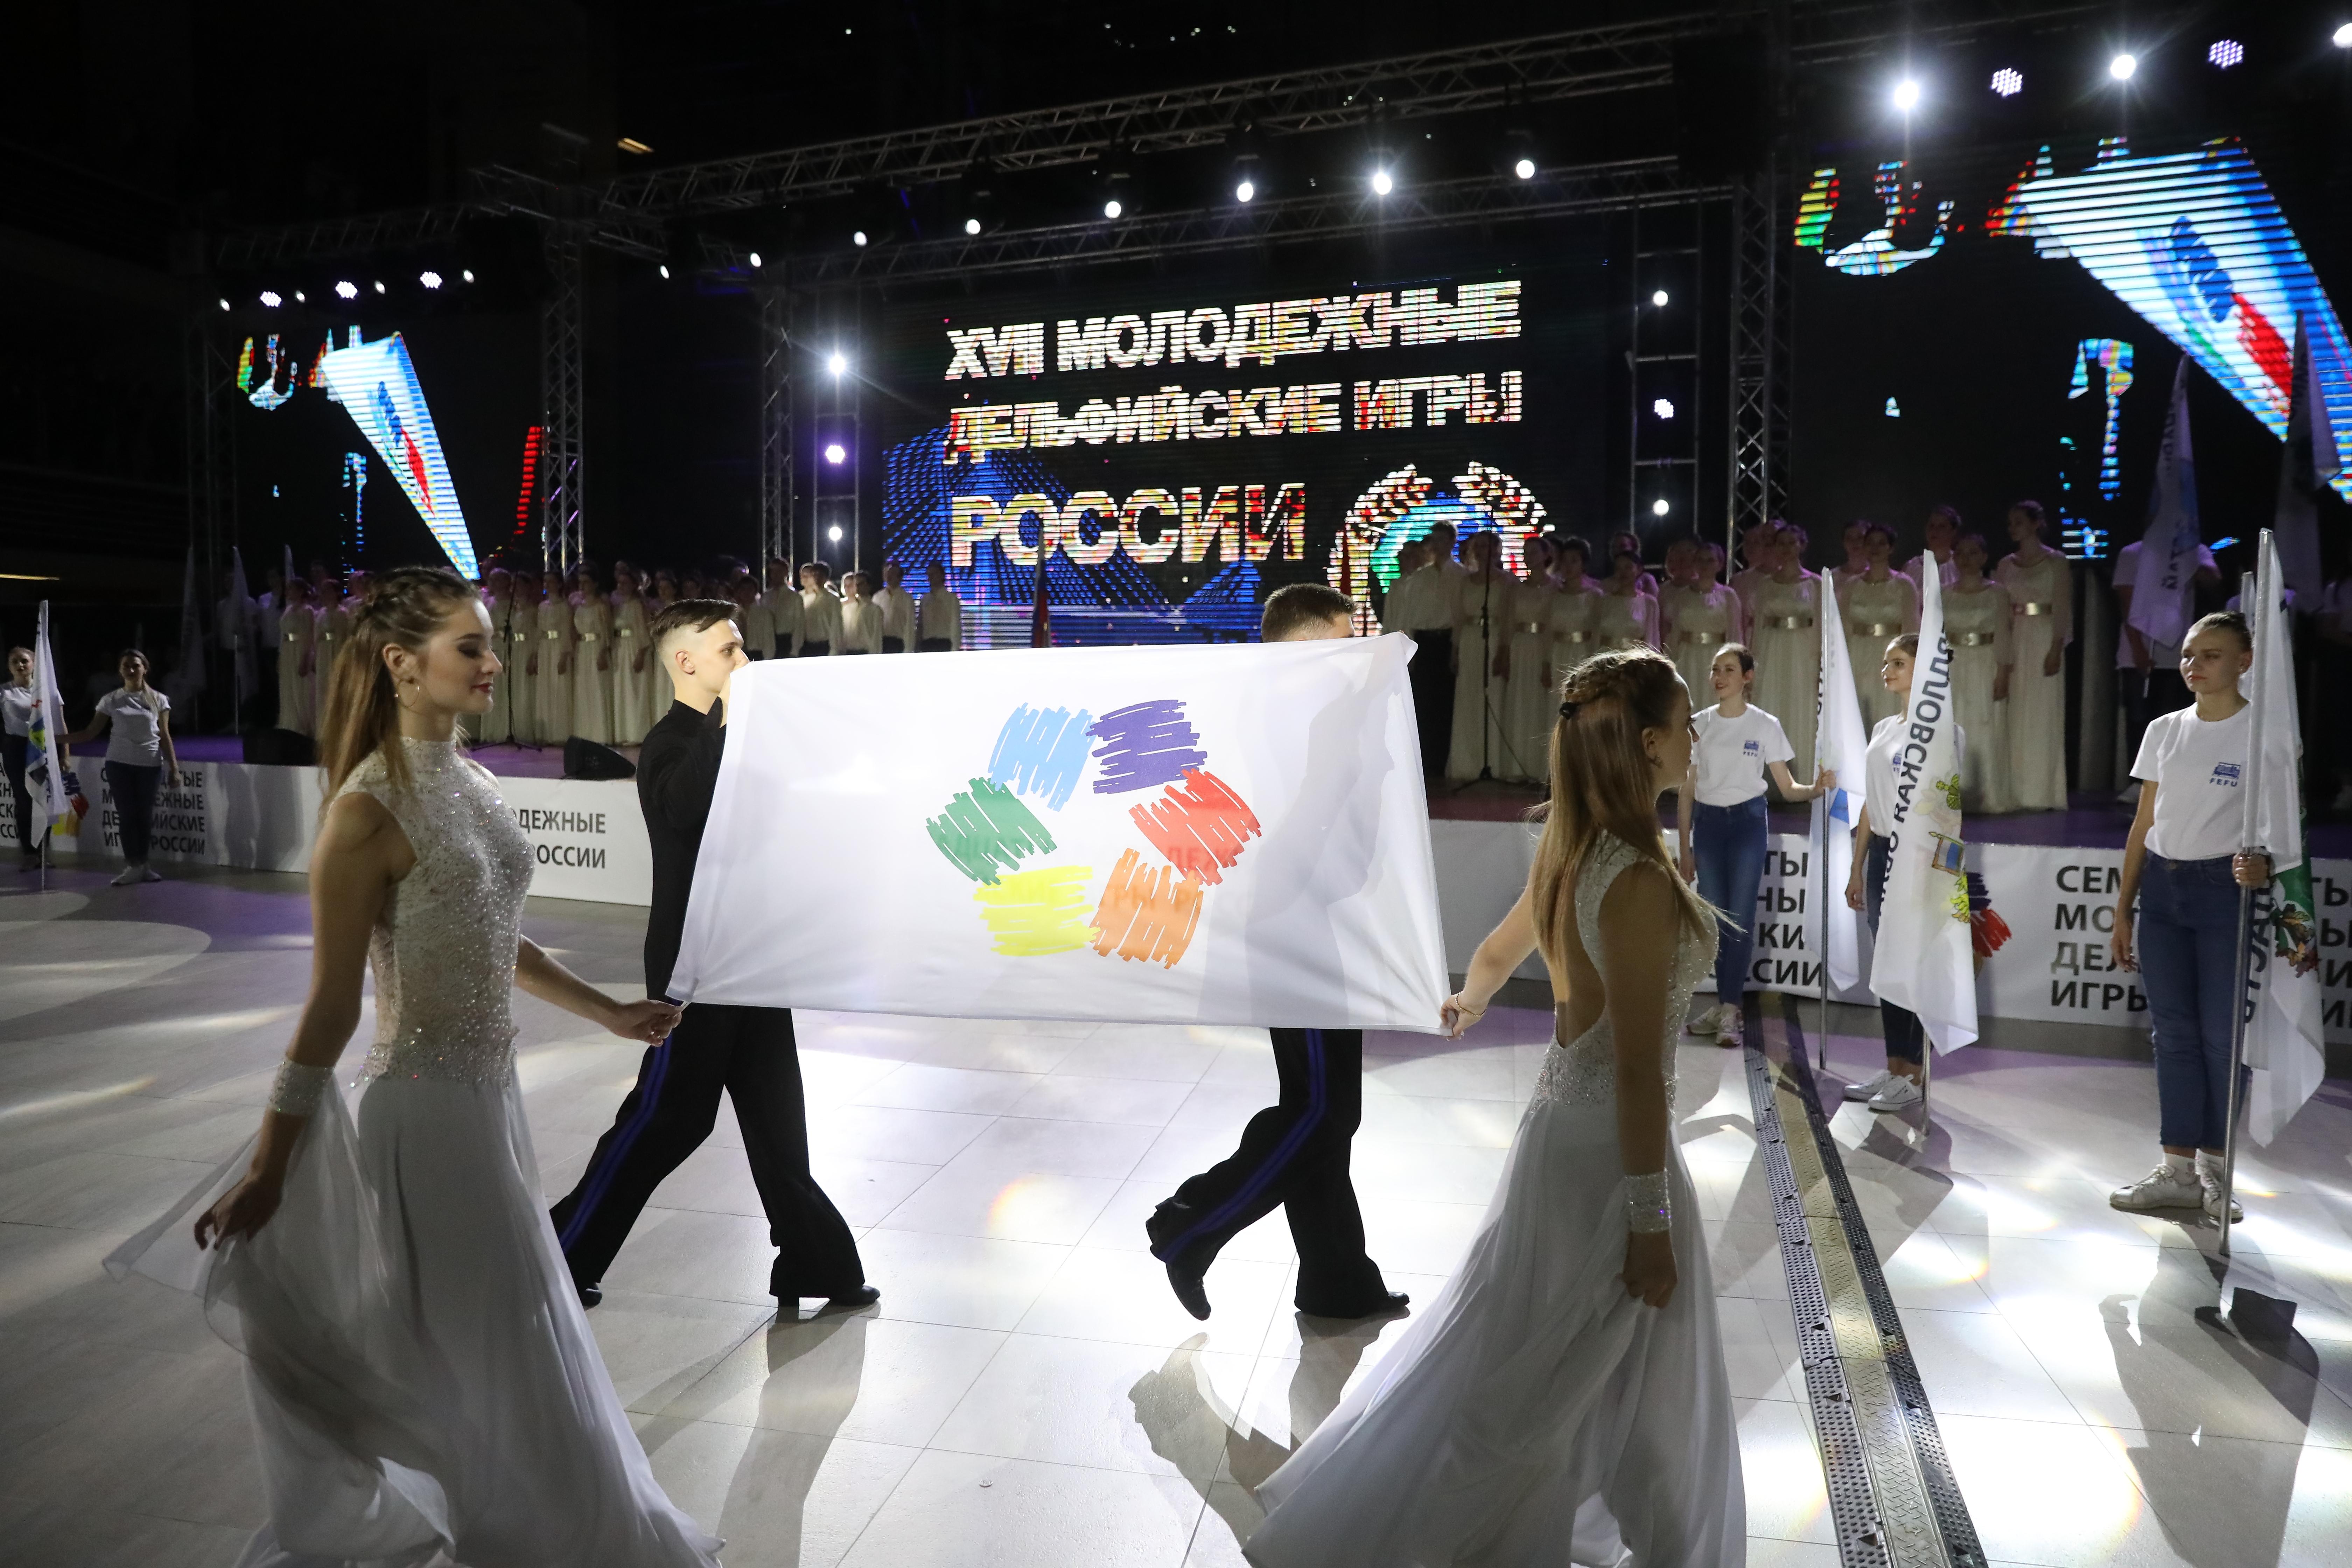 Пермь примет финал Дельфийских игр в 2021 году